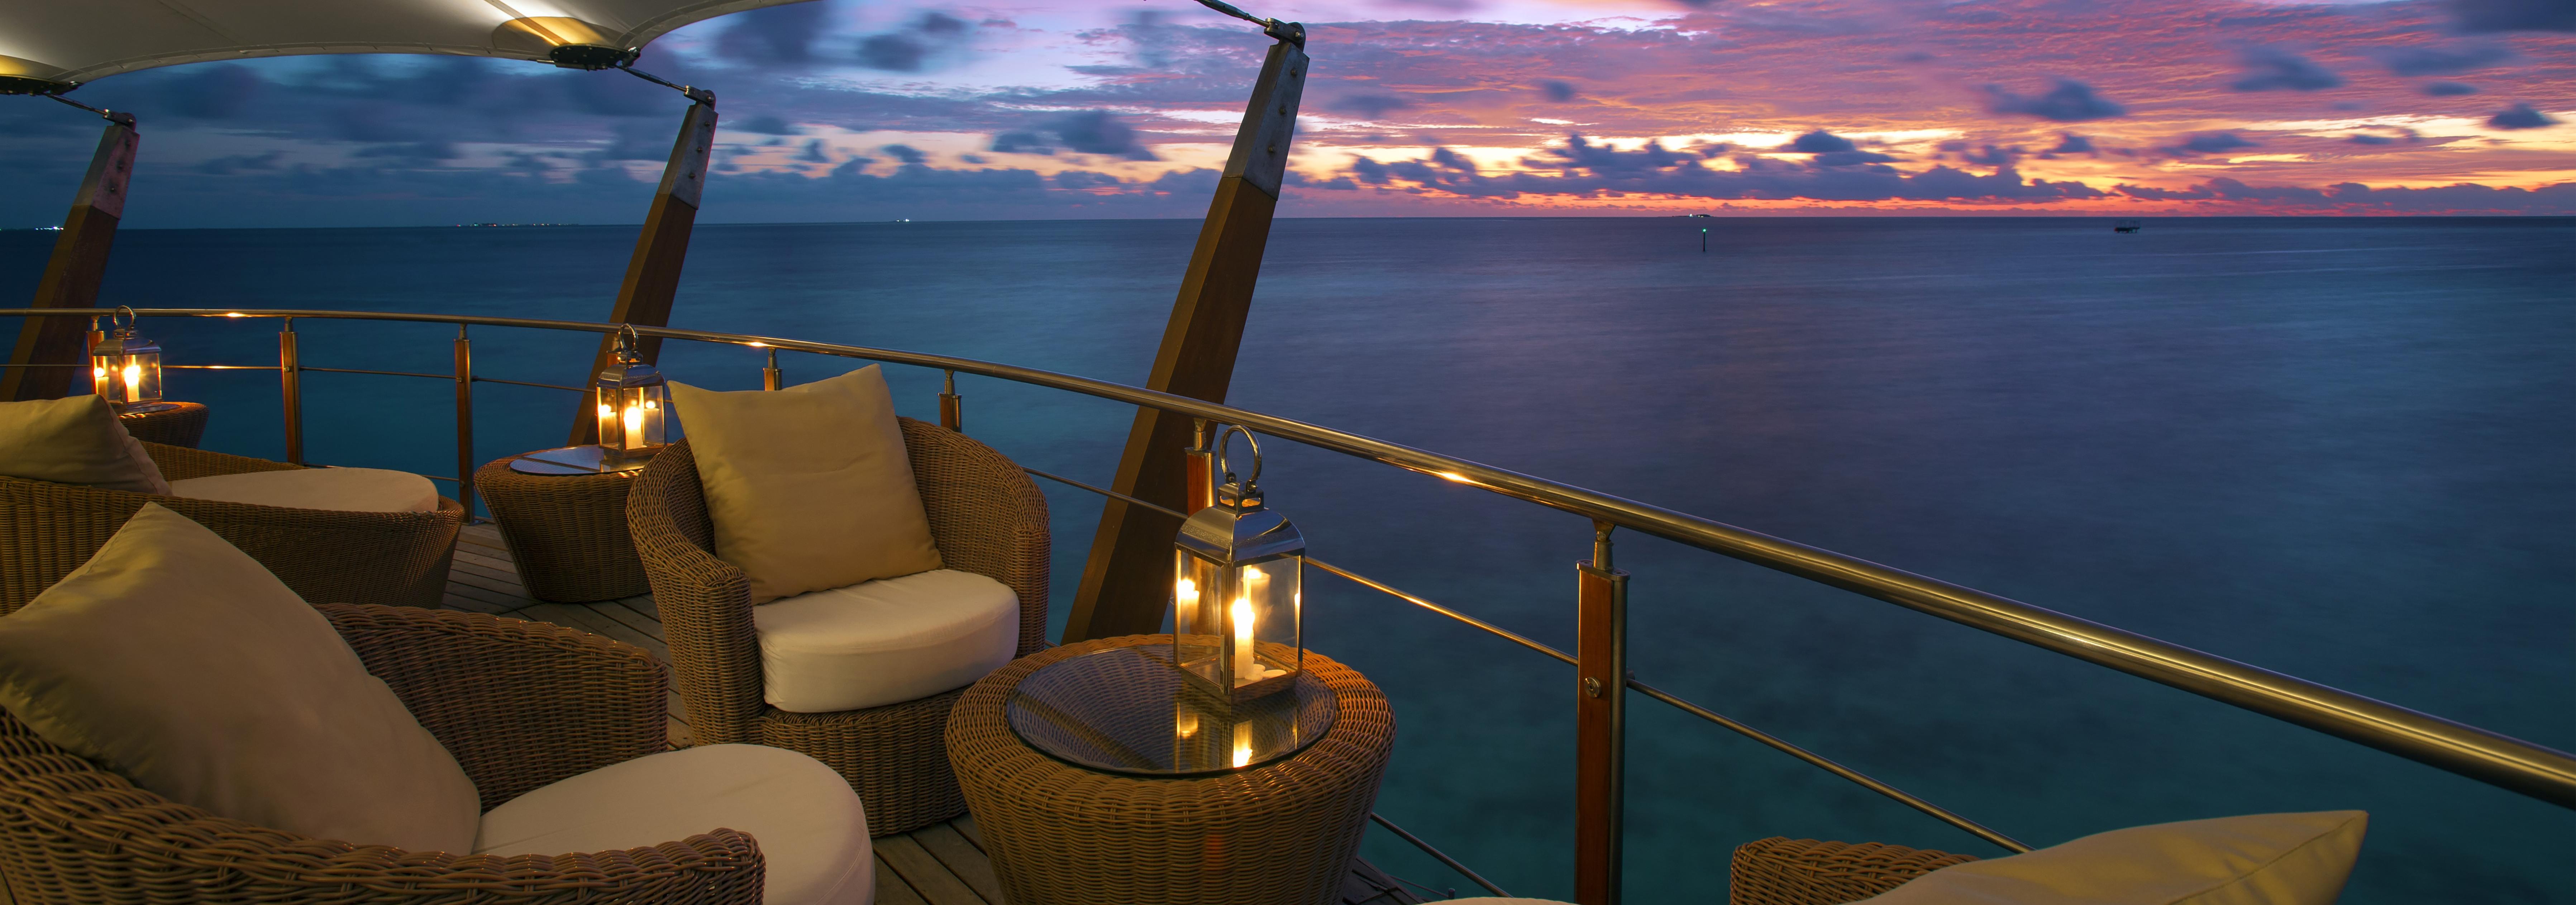 Baros-Maldives-Lighthouse-Lounge